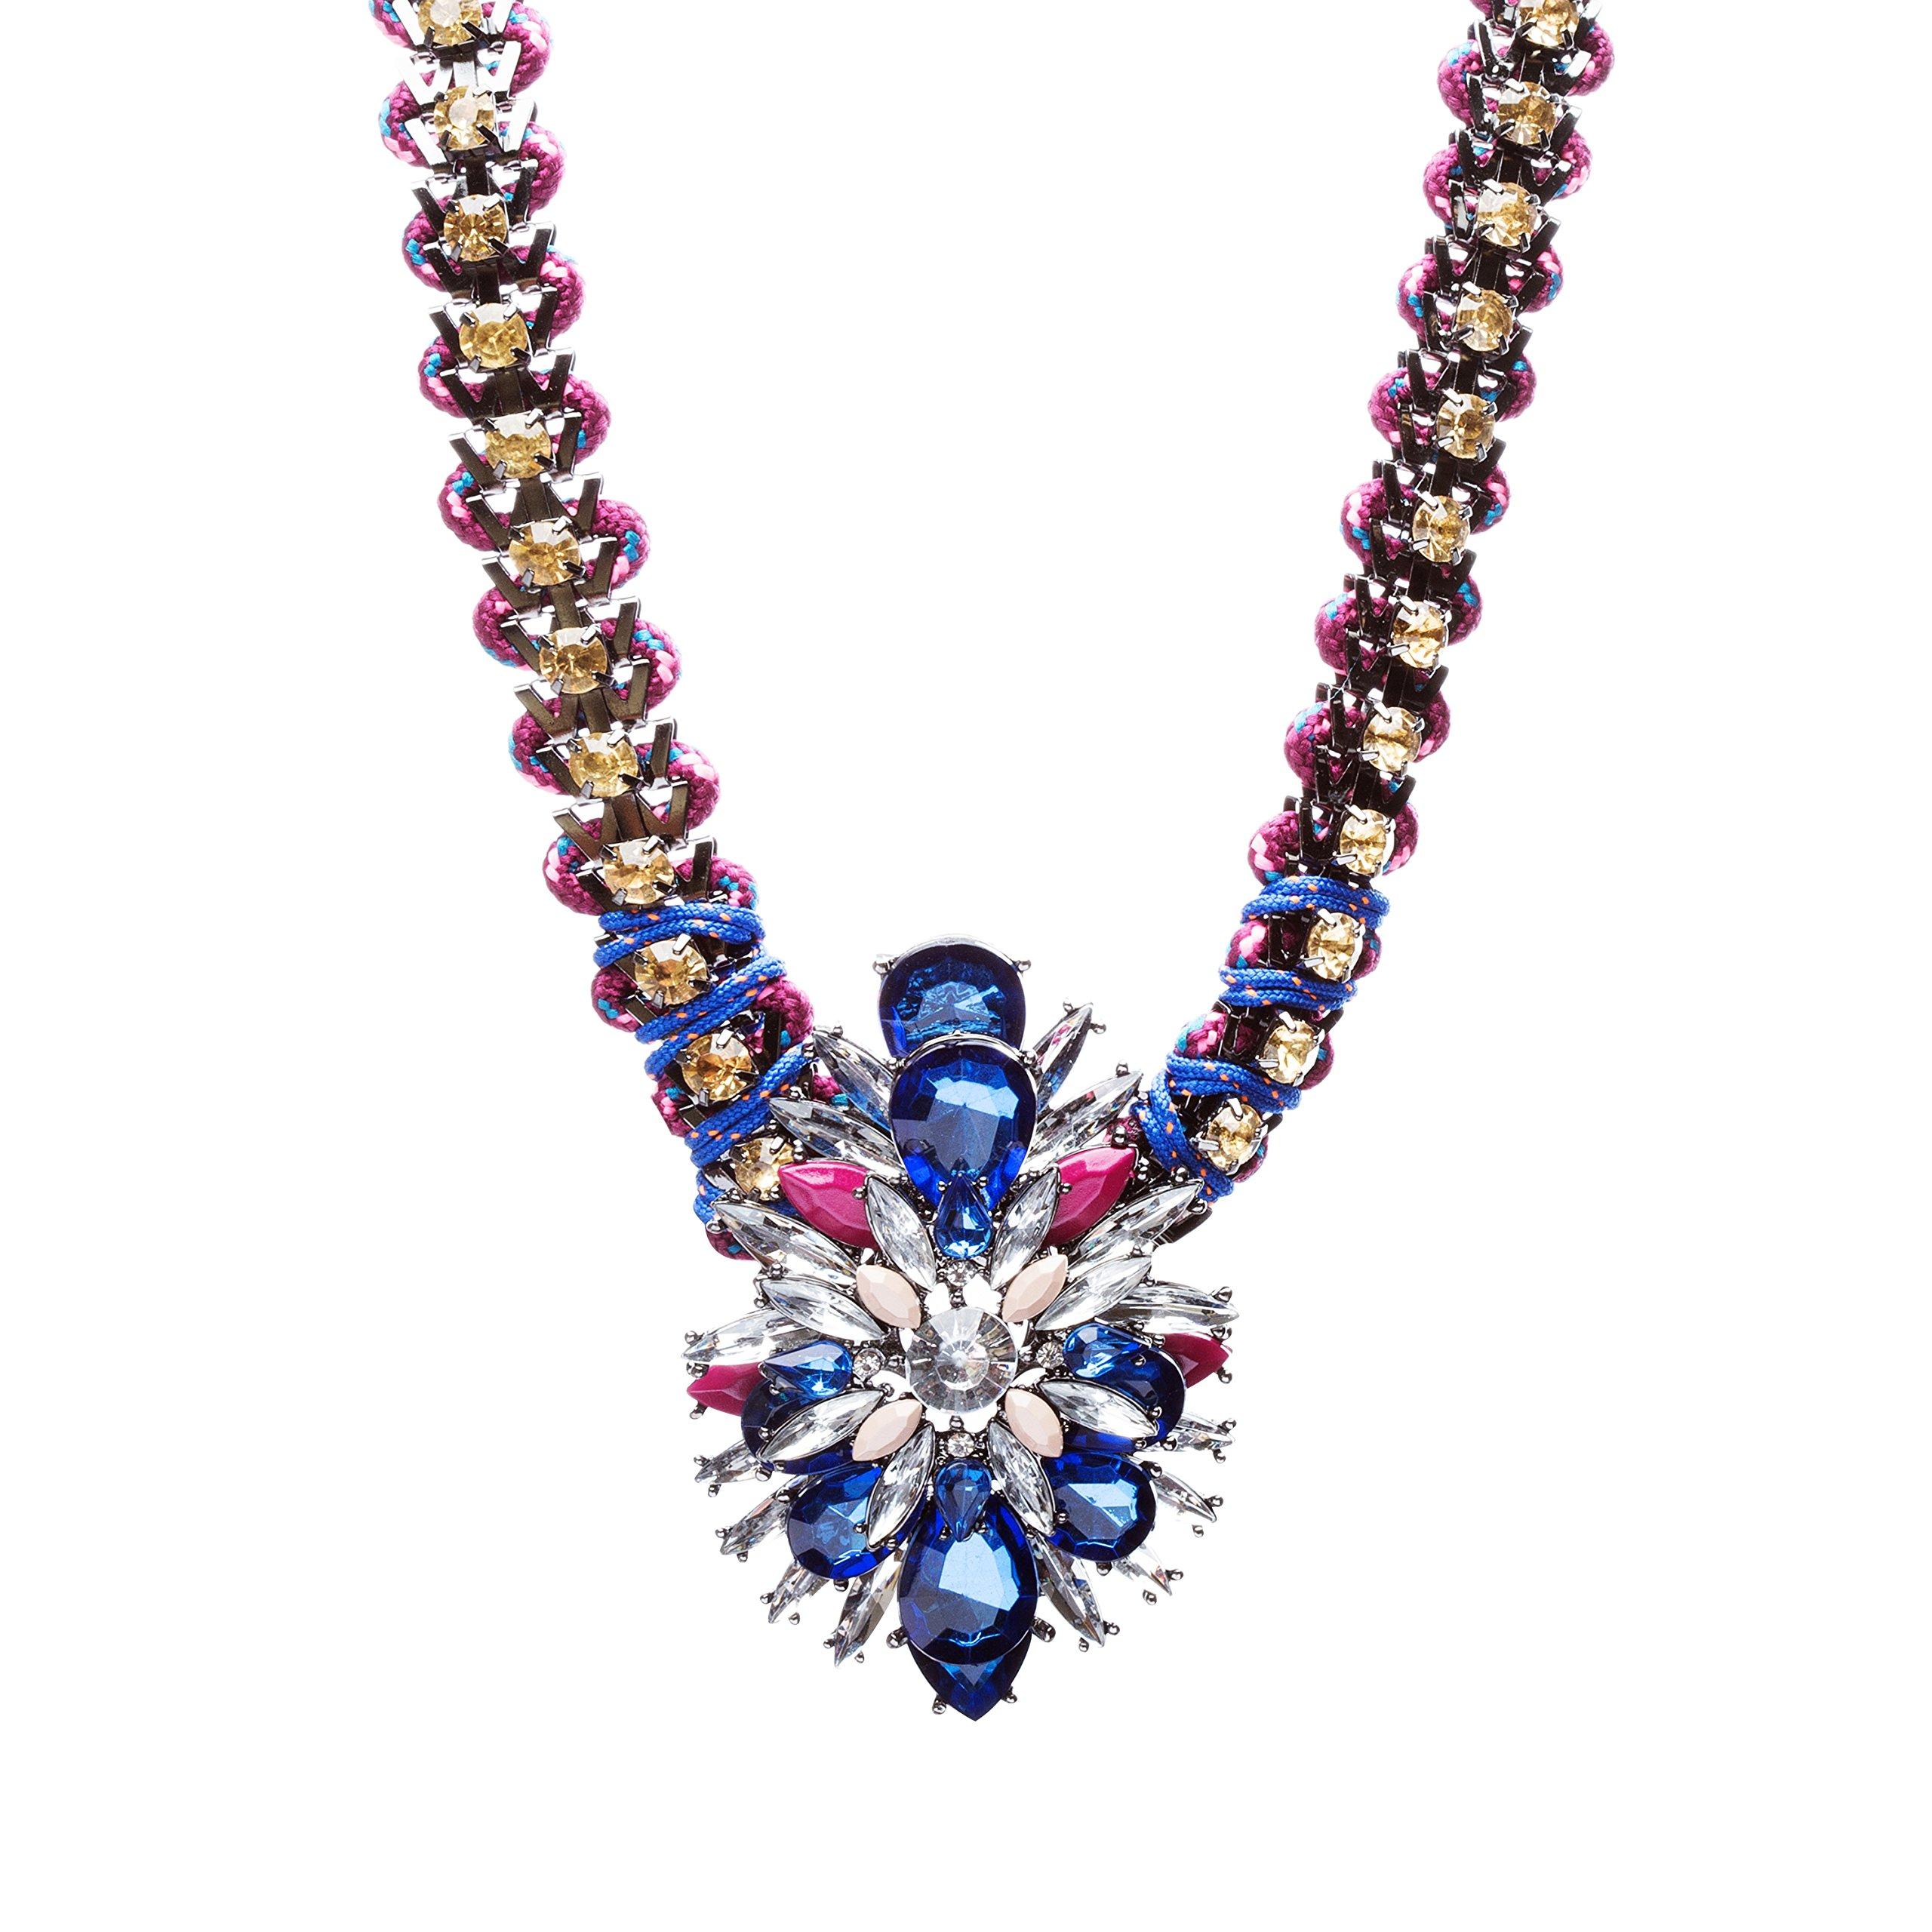 Fashionably Daring Crystal Rhinestone Alluring Modern Design Necklace N80 Blue